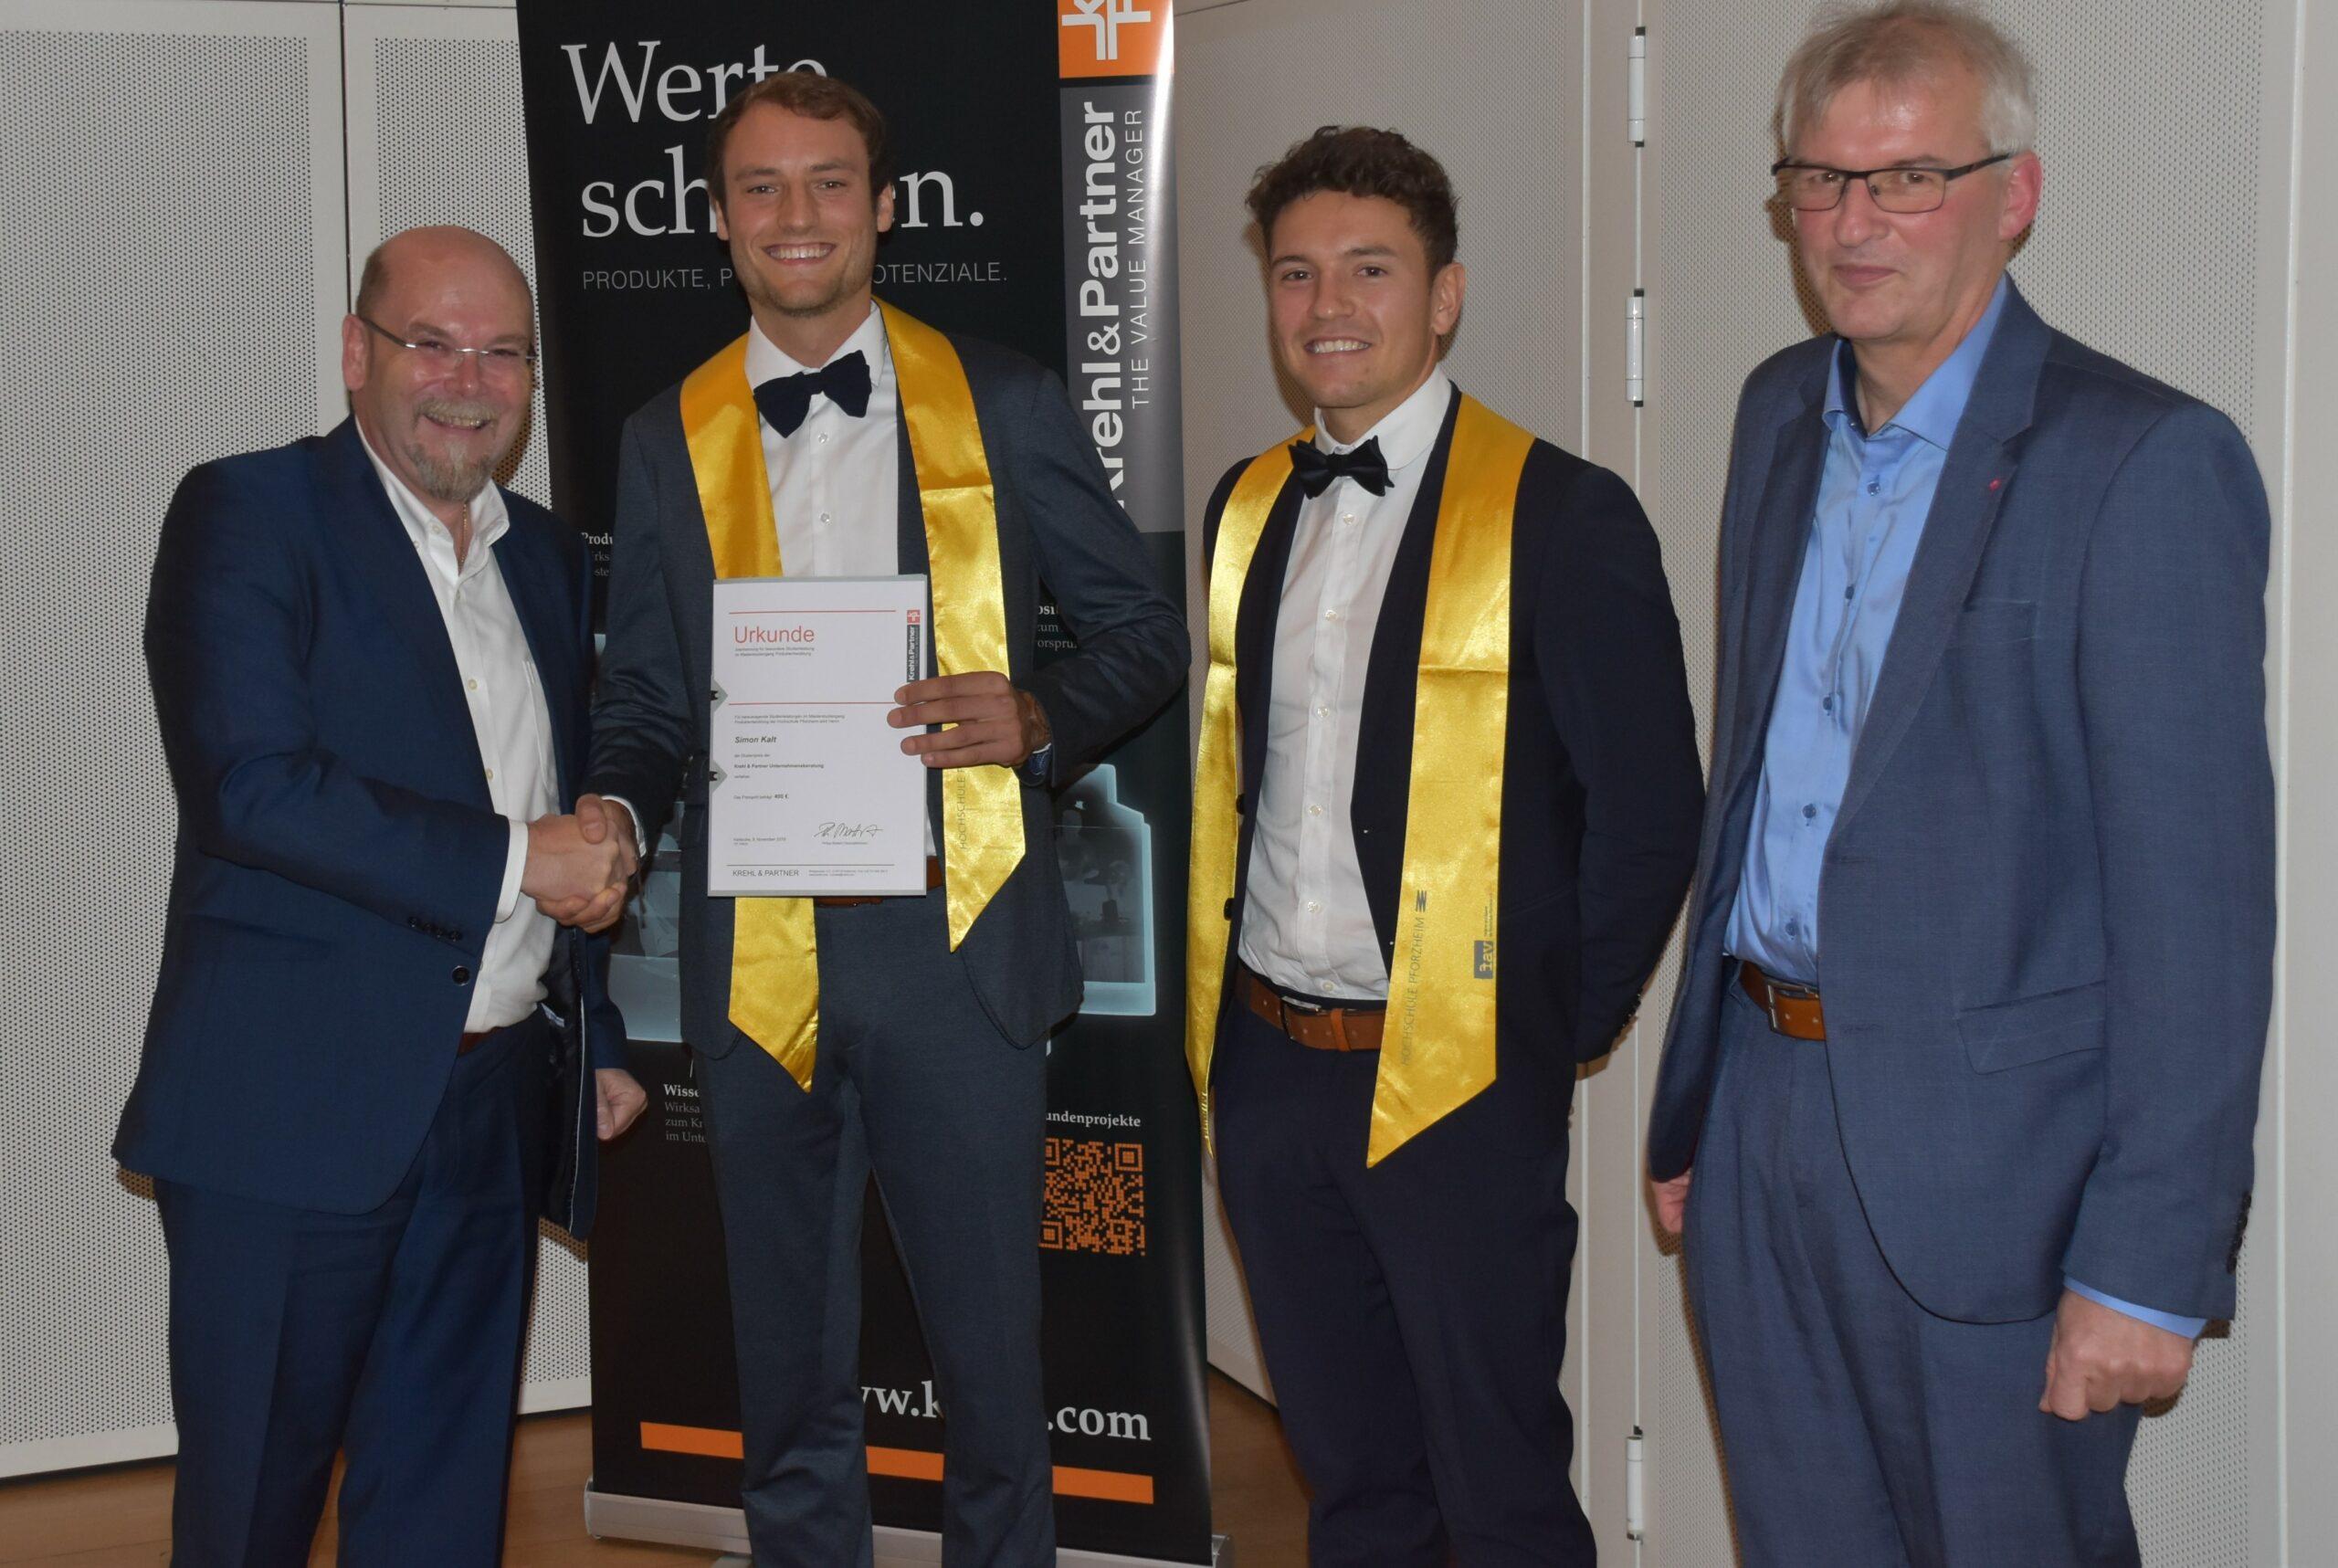 Absolventenverabschiedung und Krehl & Partner-Preis